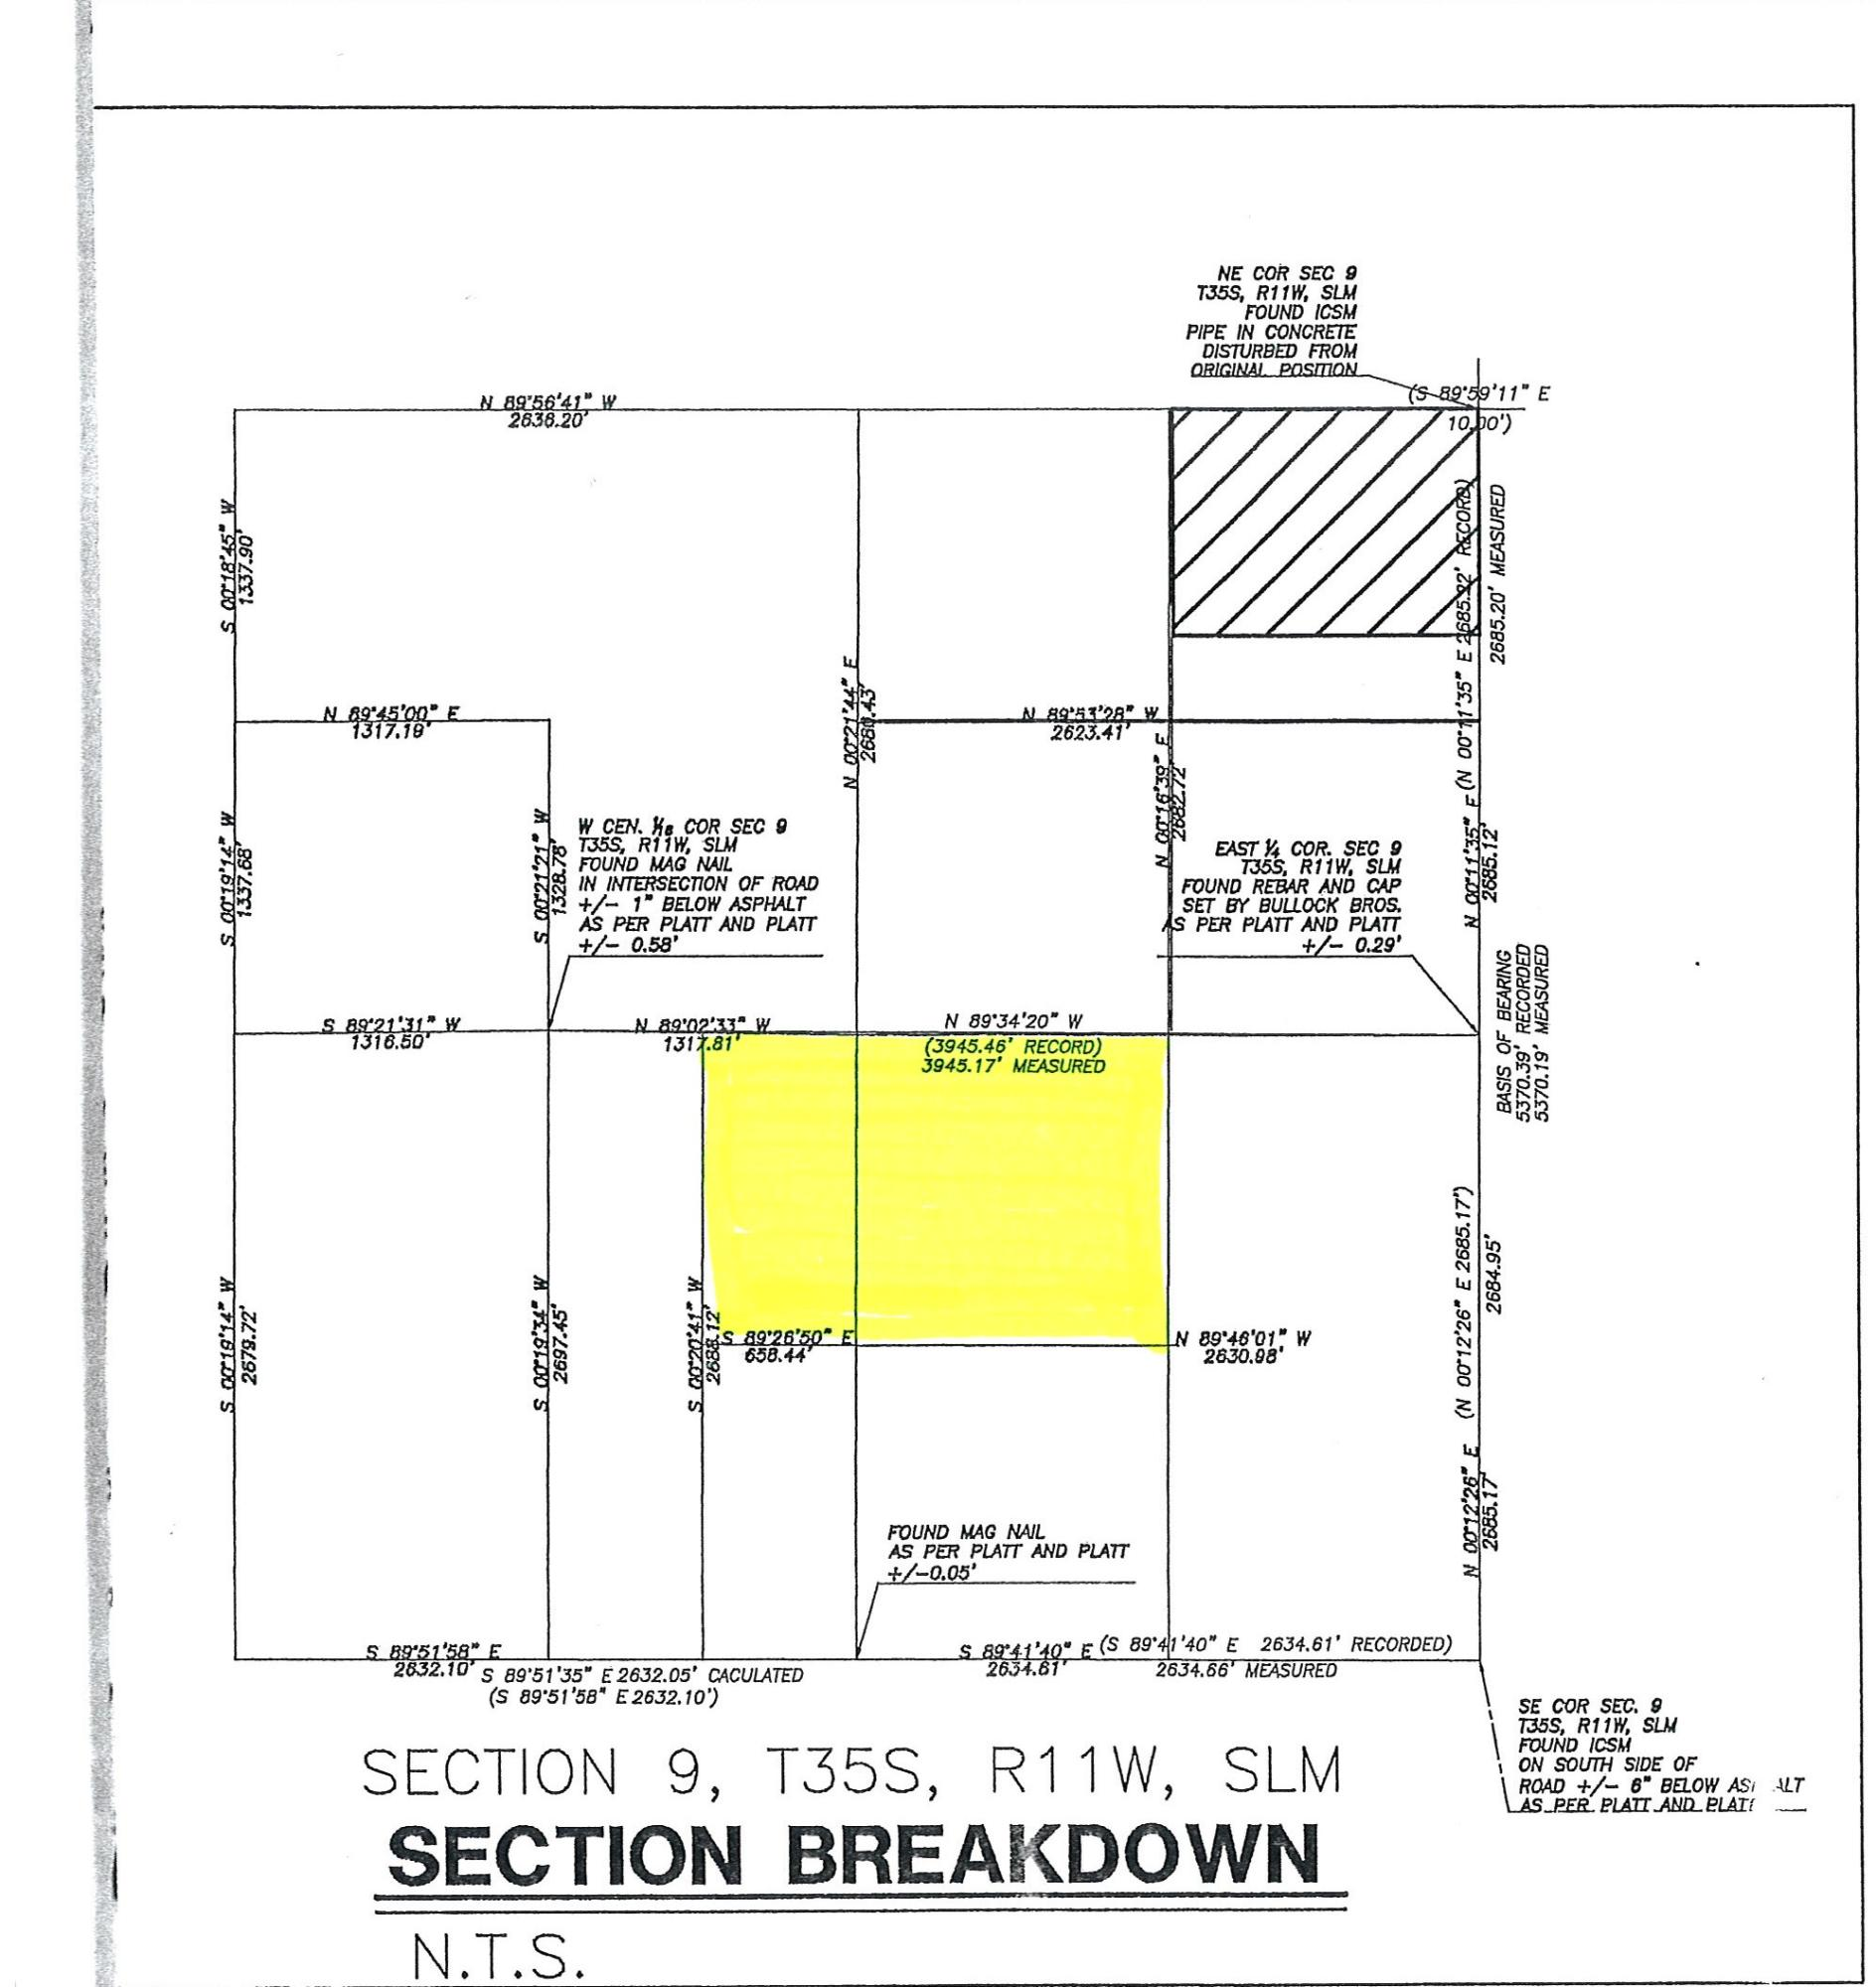 5000 N 2300 W RD -- 60 acres near Rancho Bonita